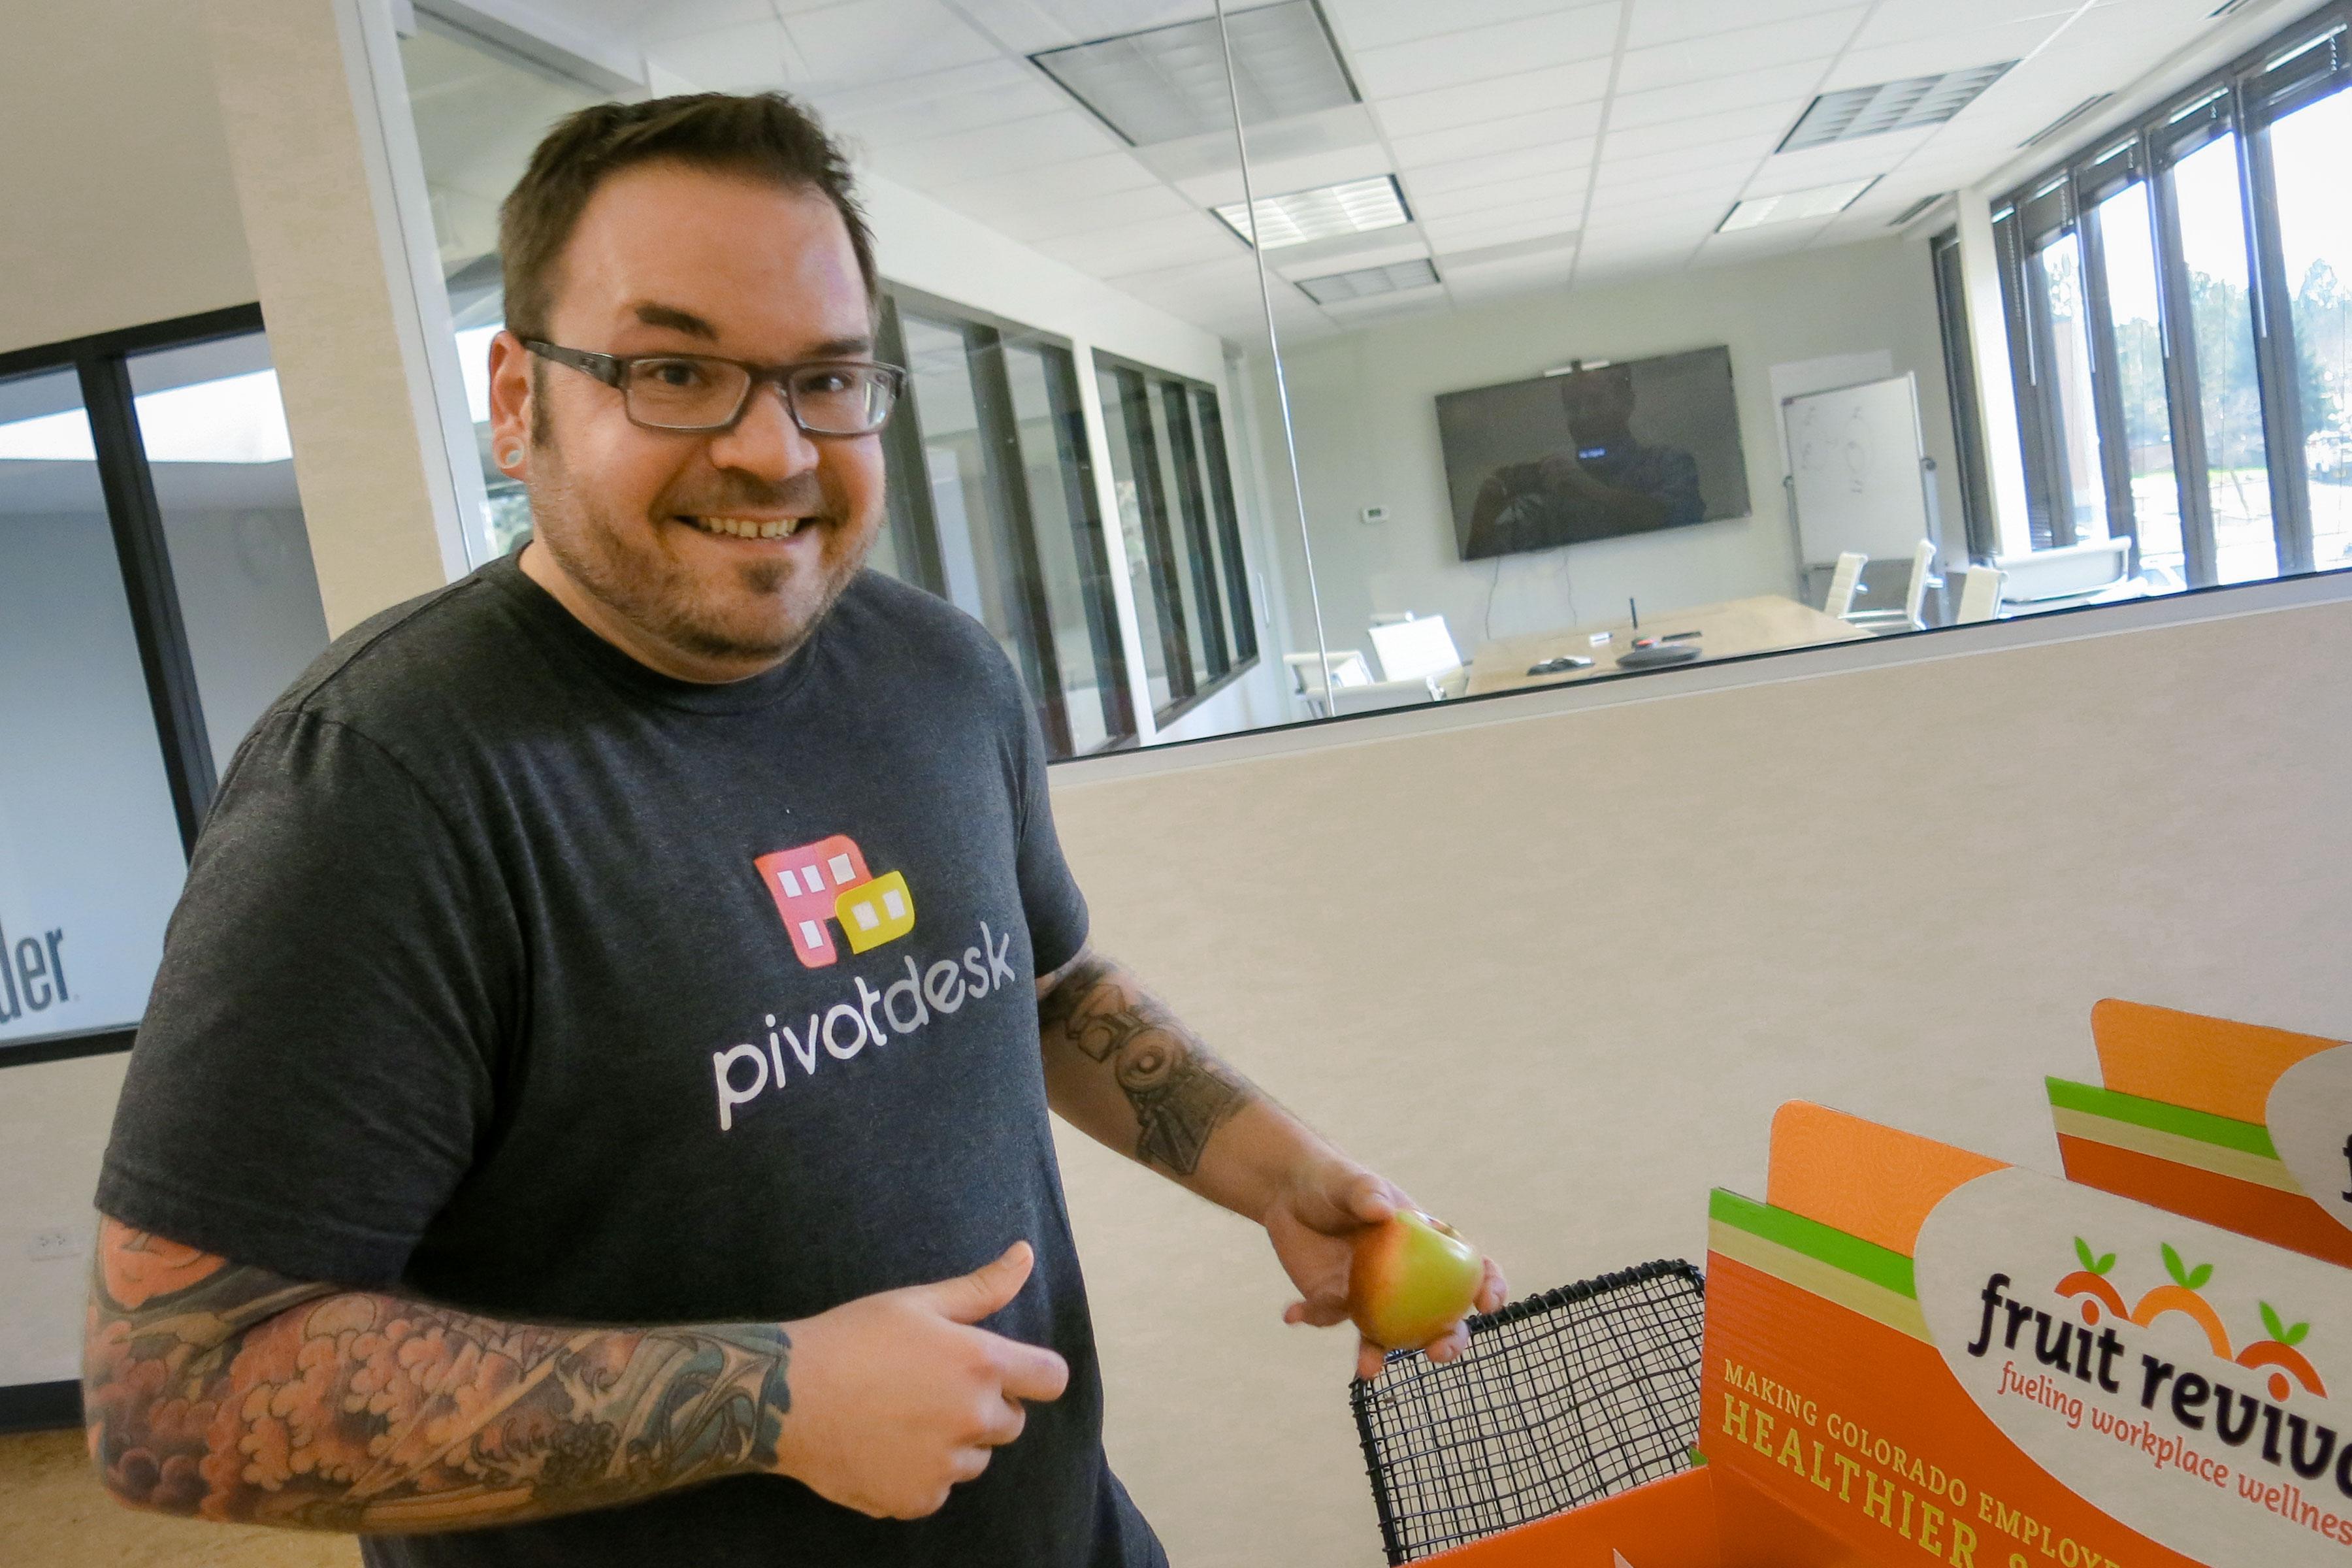 Photo: Workplace Wellness 2.0 | Chris Masella - JDaley